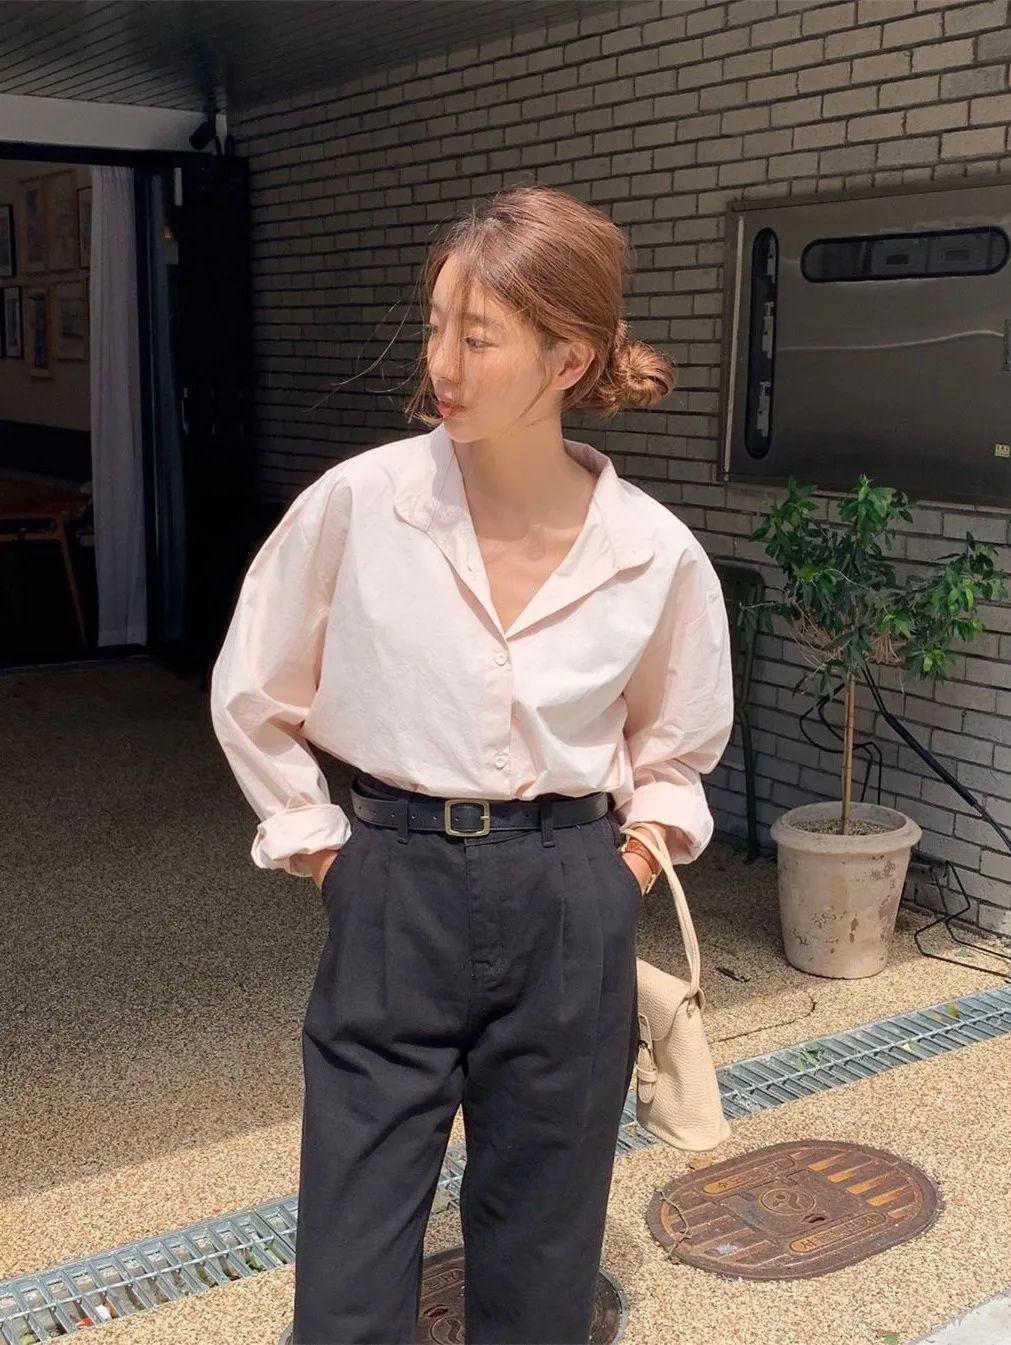 12 set đồ đáng chú ý từ hội gái Hàn mà nàng công sở có thể áp dụng đến ở làm - Ảnh 7.